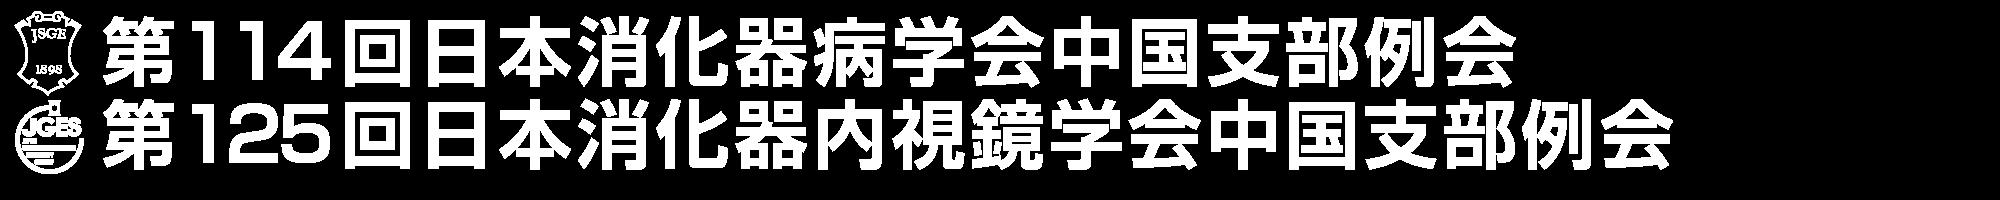 第114回日本消化器病学会中国支部例会/第125回日本消化器内視鏡学会中国支部例会